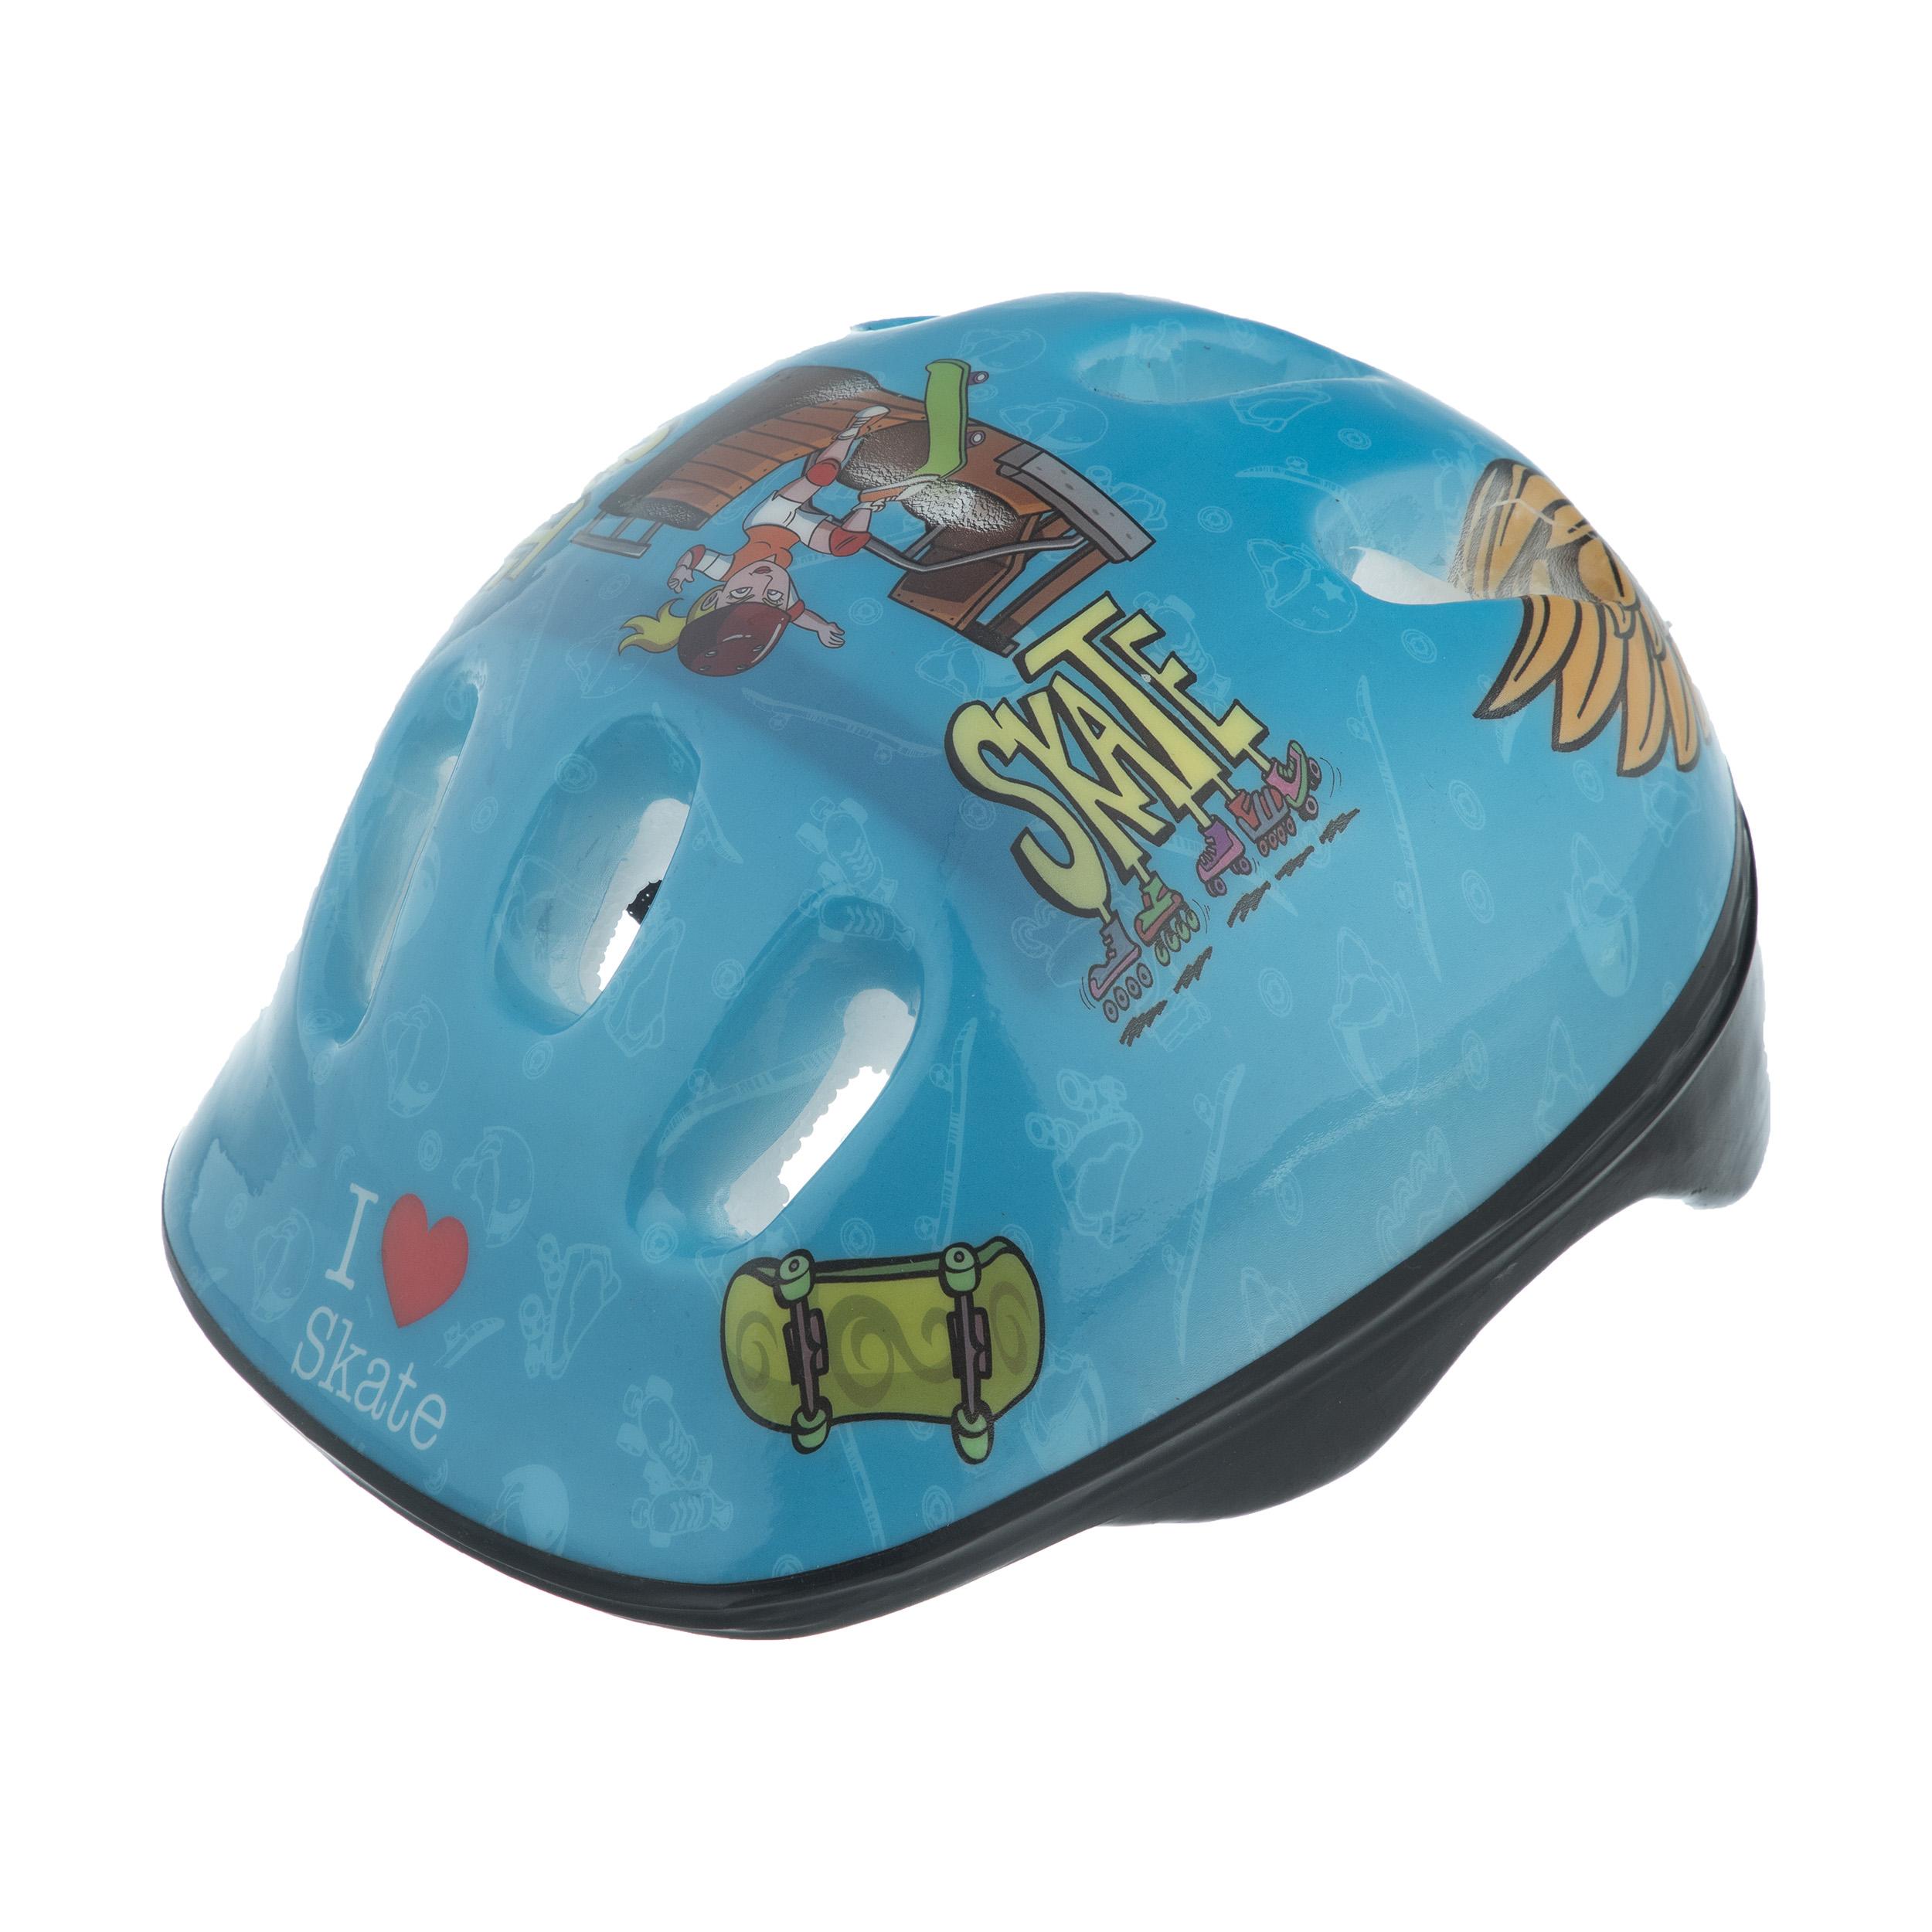 کلاه ایمنی دوچرخه مدل Skate